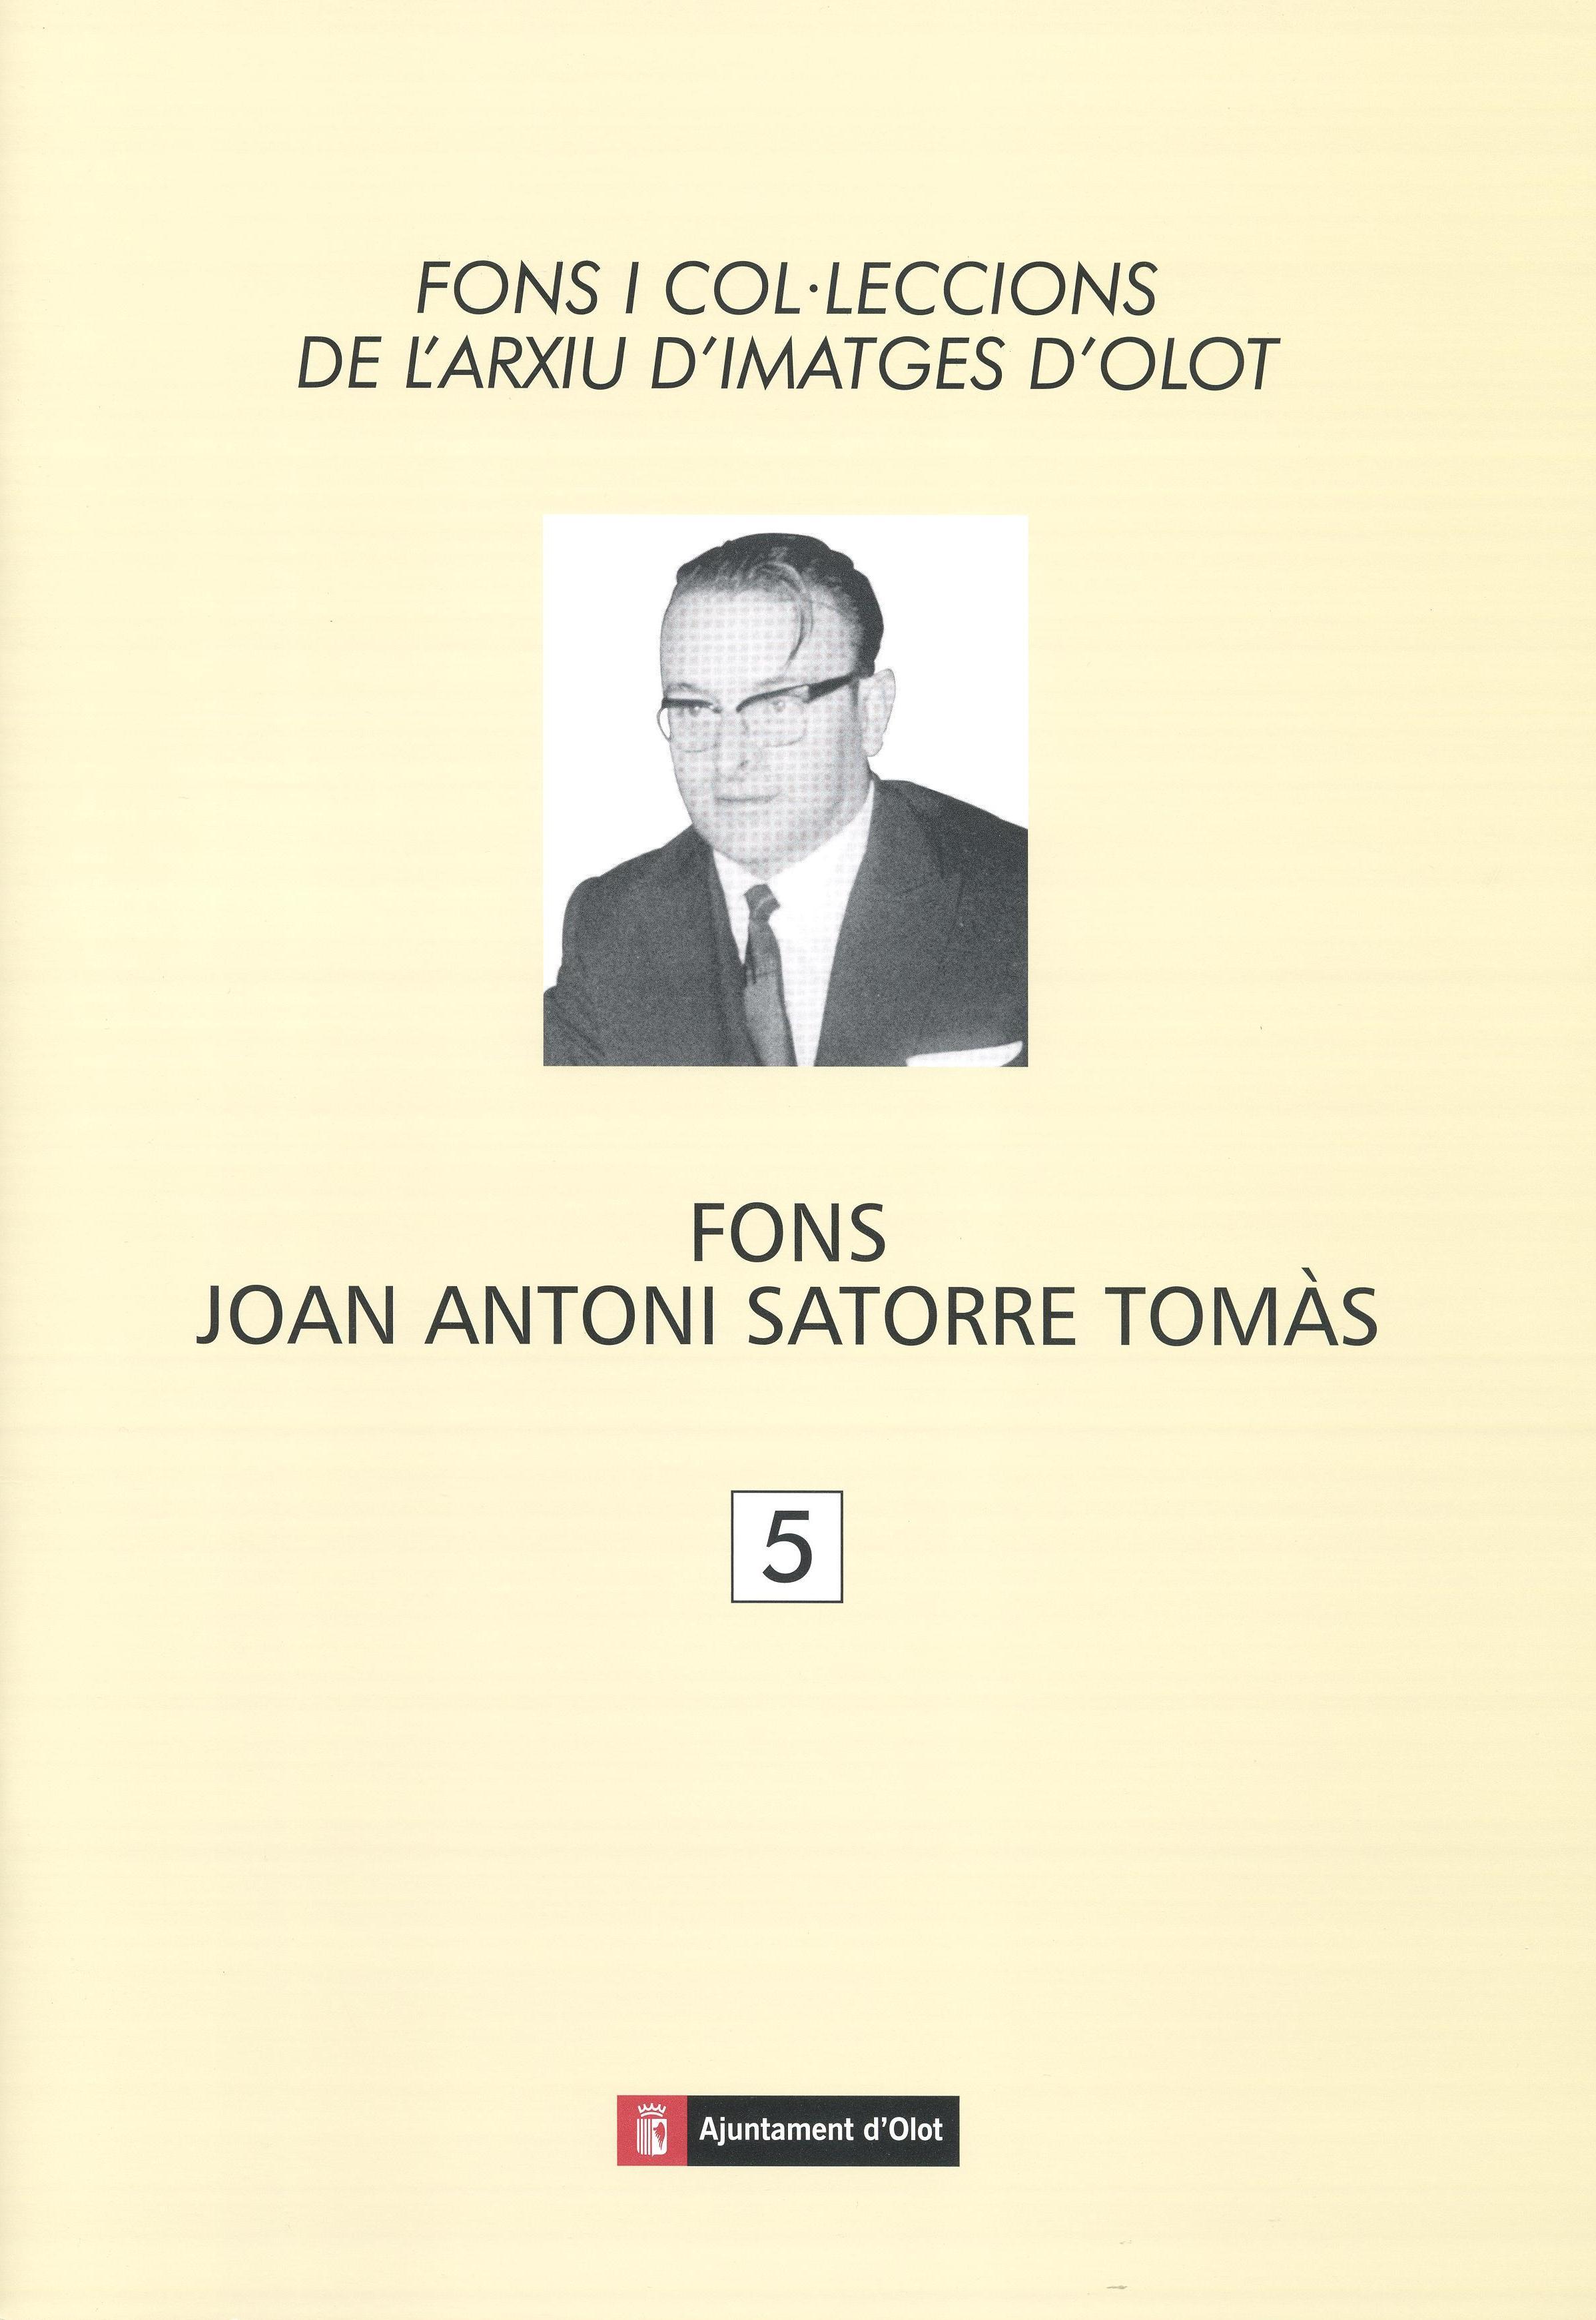 Coberta llibre Fons Joan Antoni Satorre, Servei d'Imatges de l'ACGAX